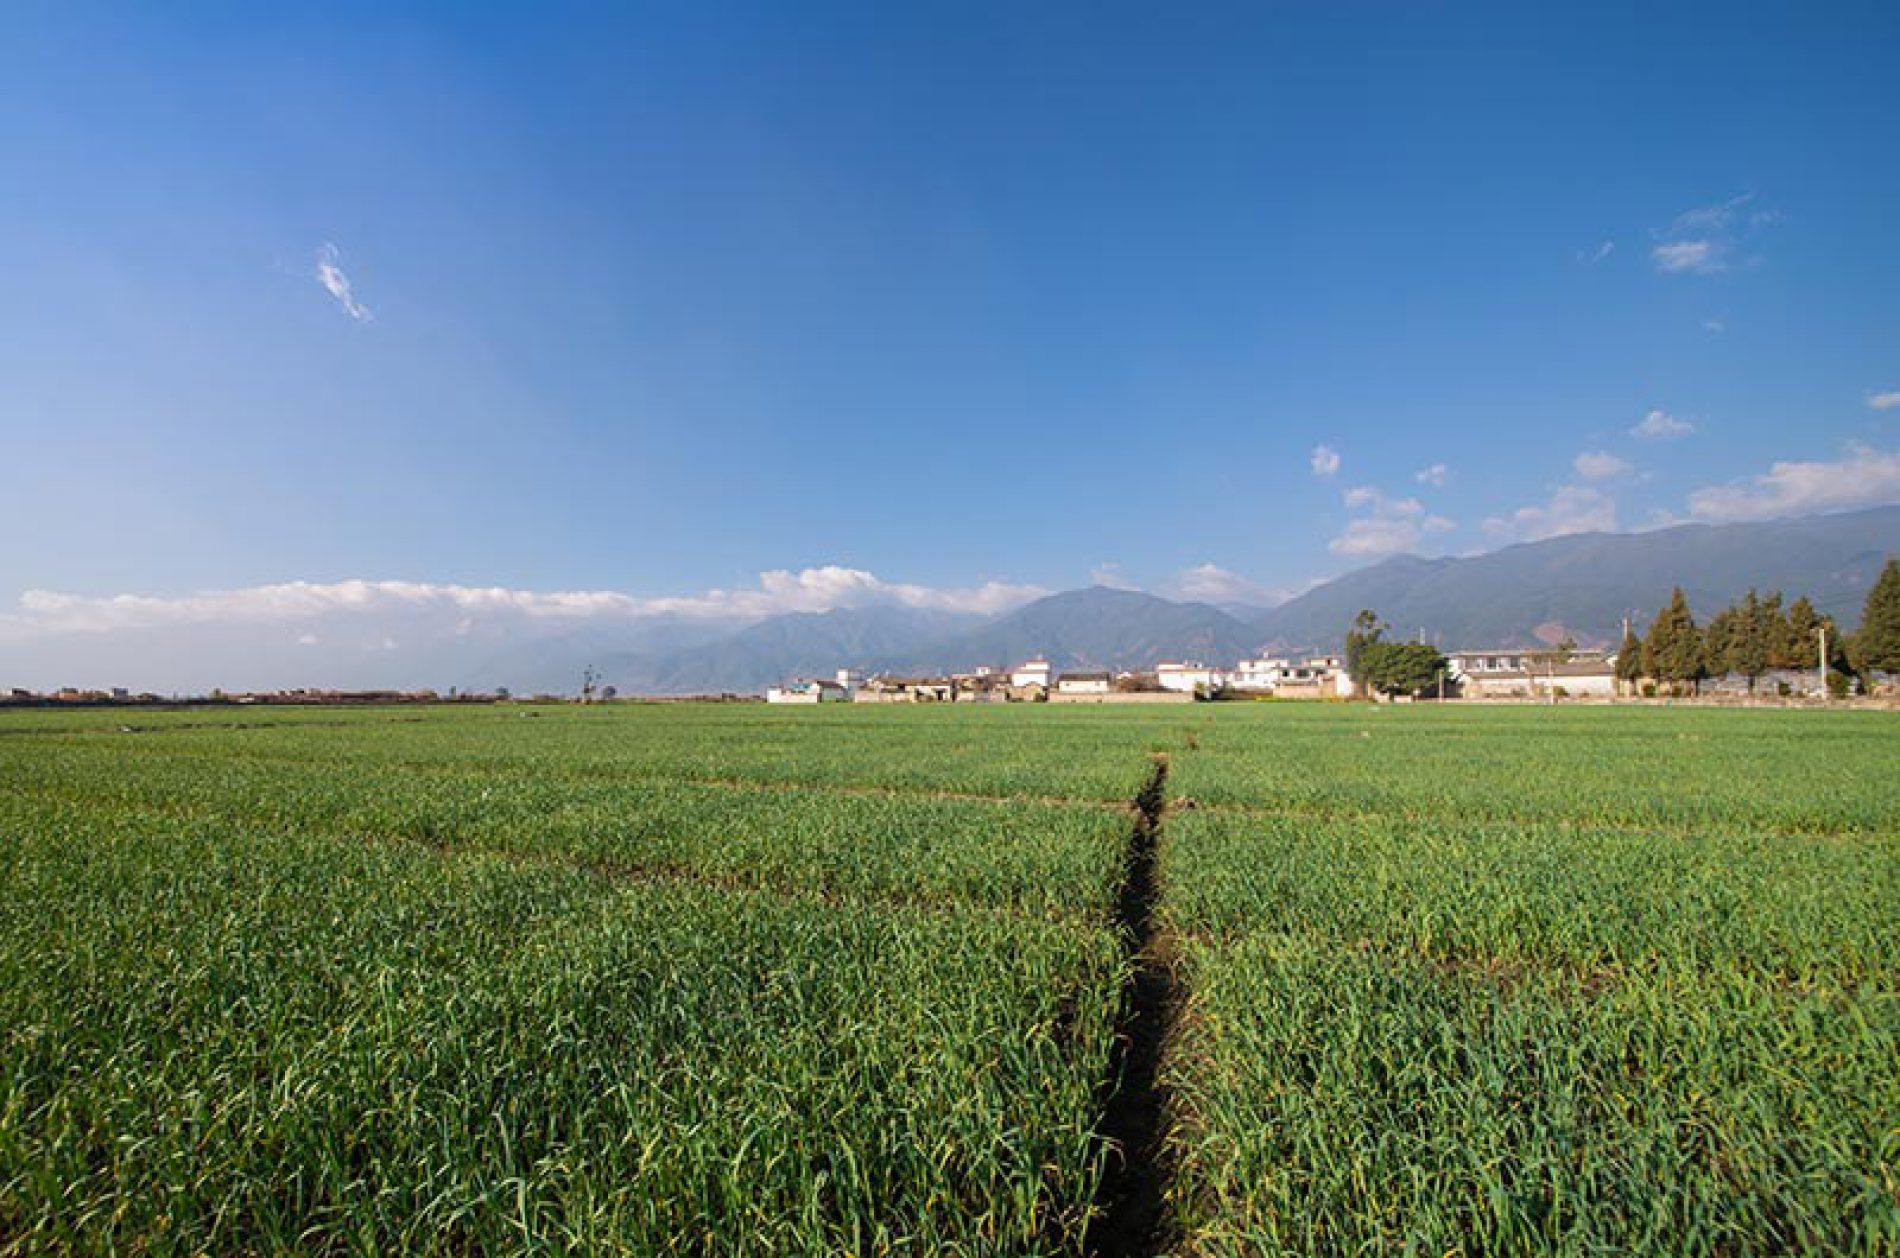 Bando Isi Agricoltura: fondi per la sicurezza alle aziende agricole